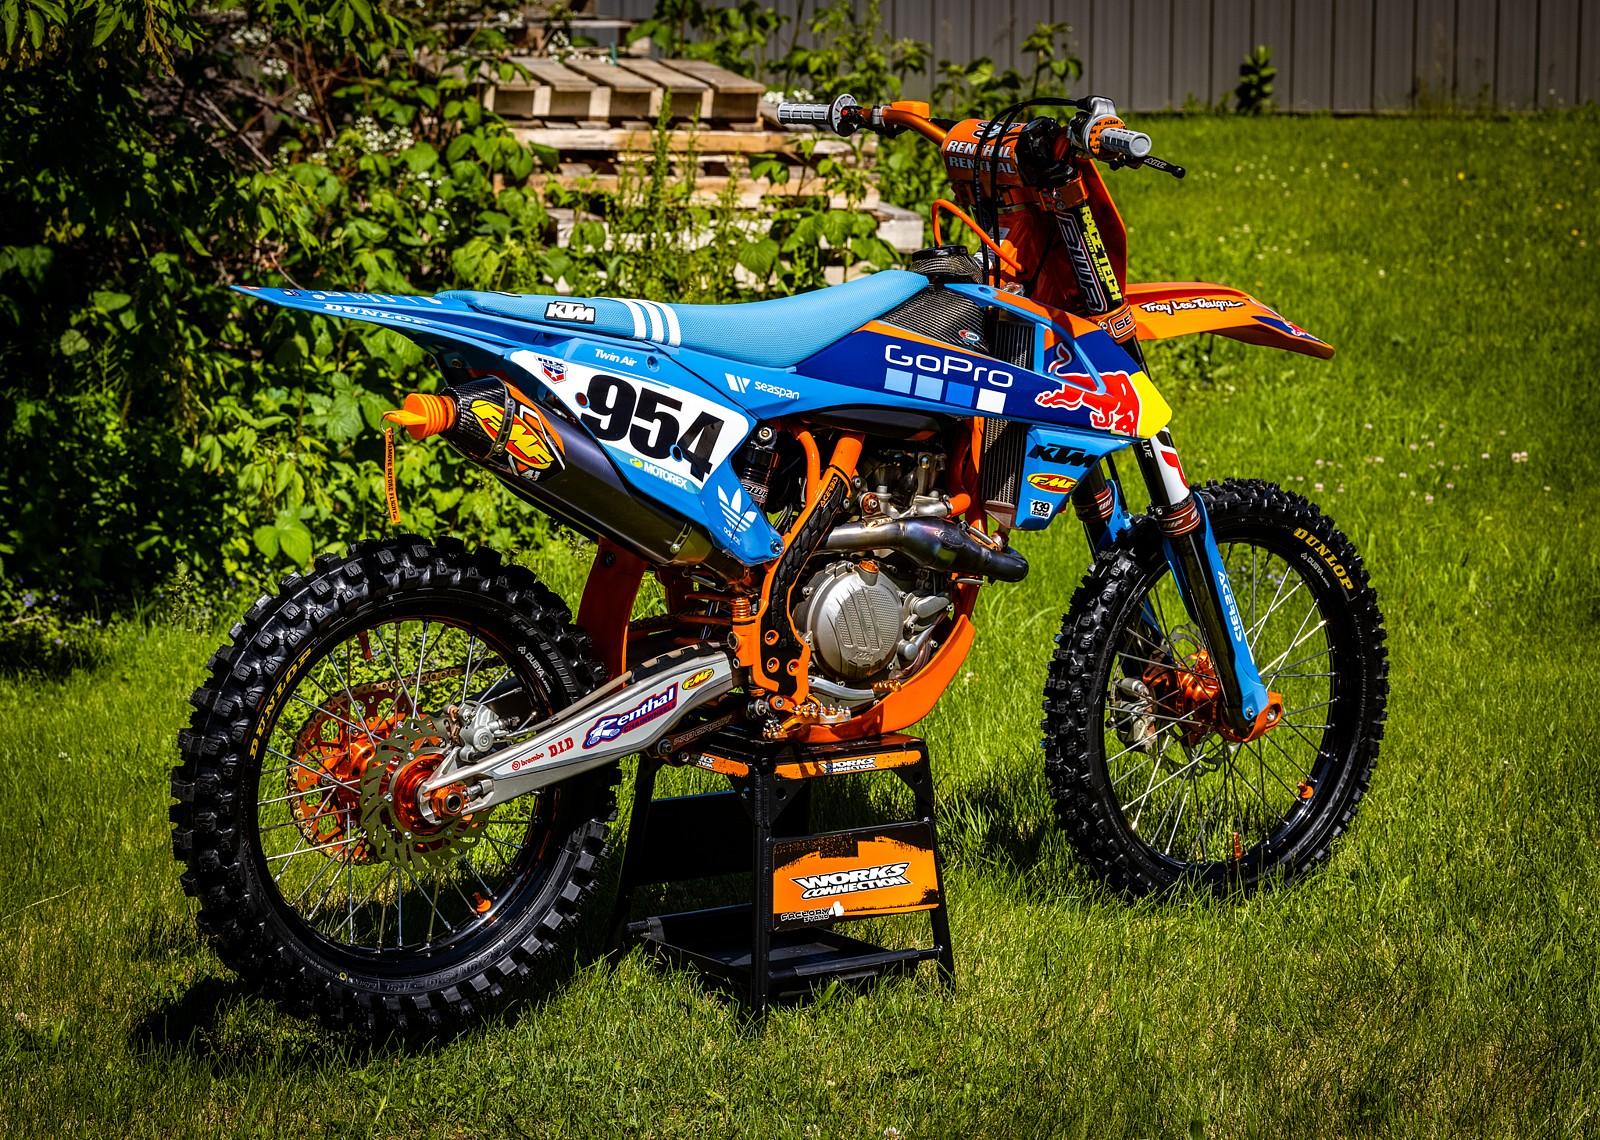 ktm 21 - GForce MMG - Motocross Pictures - Vital MX